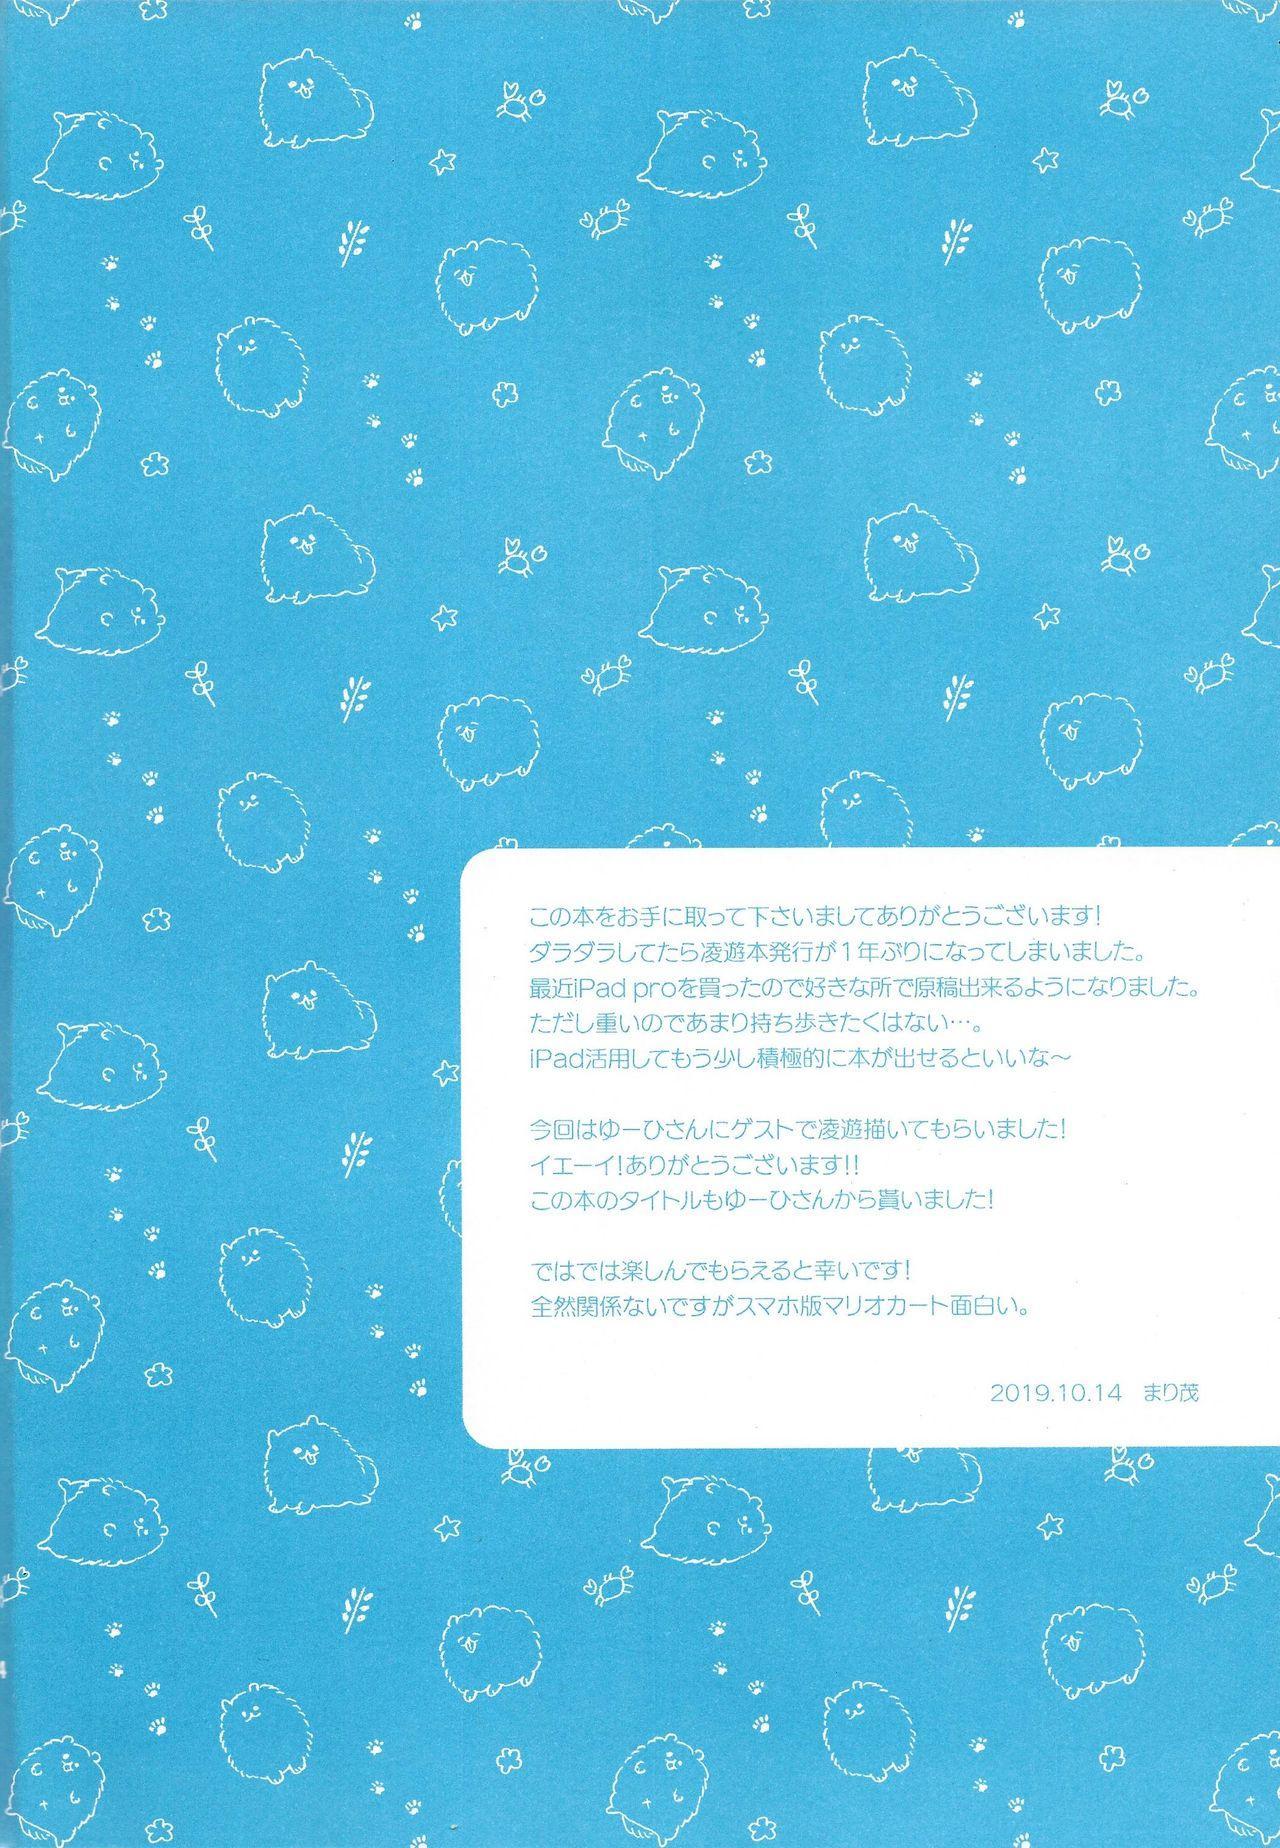 Sonomama ×× temo īnda ze 2